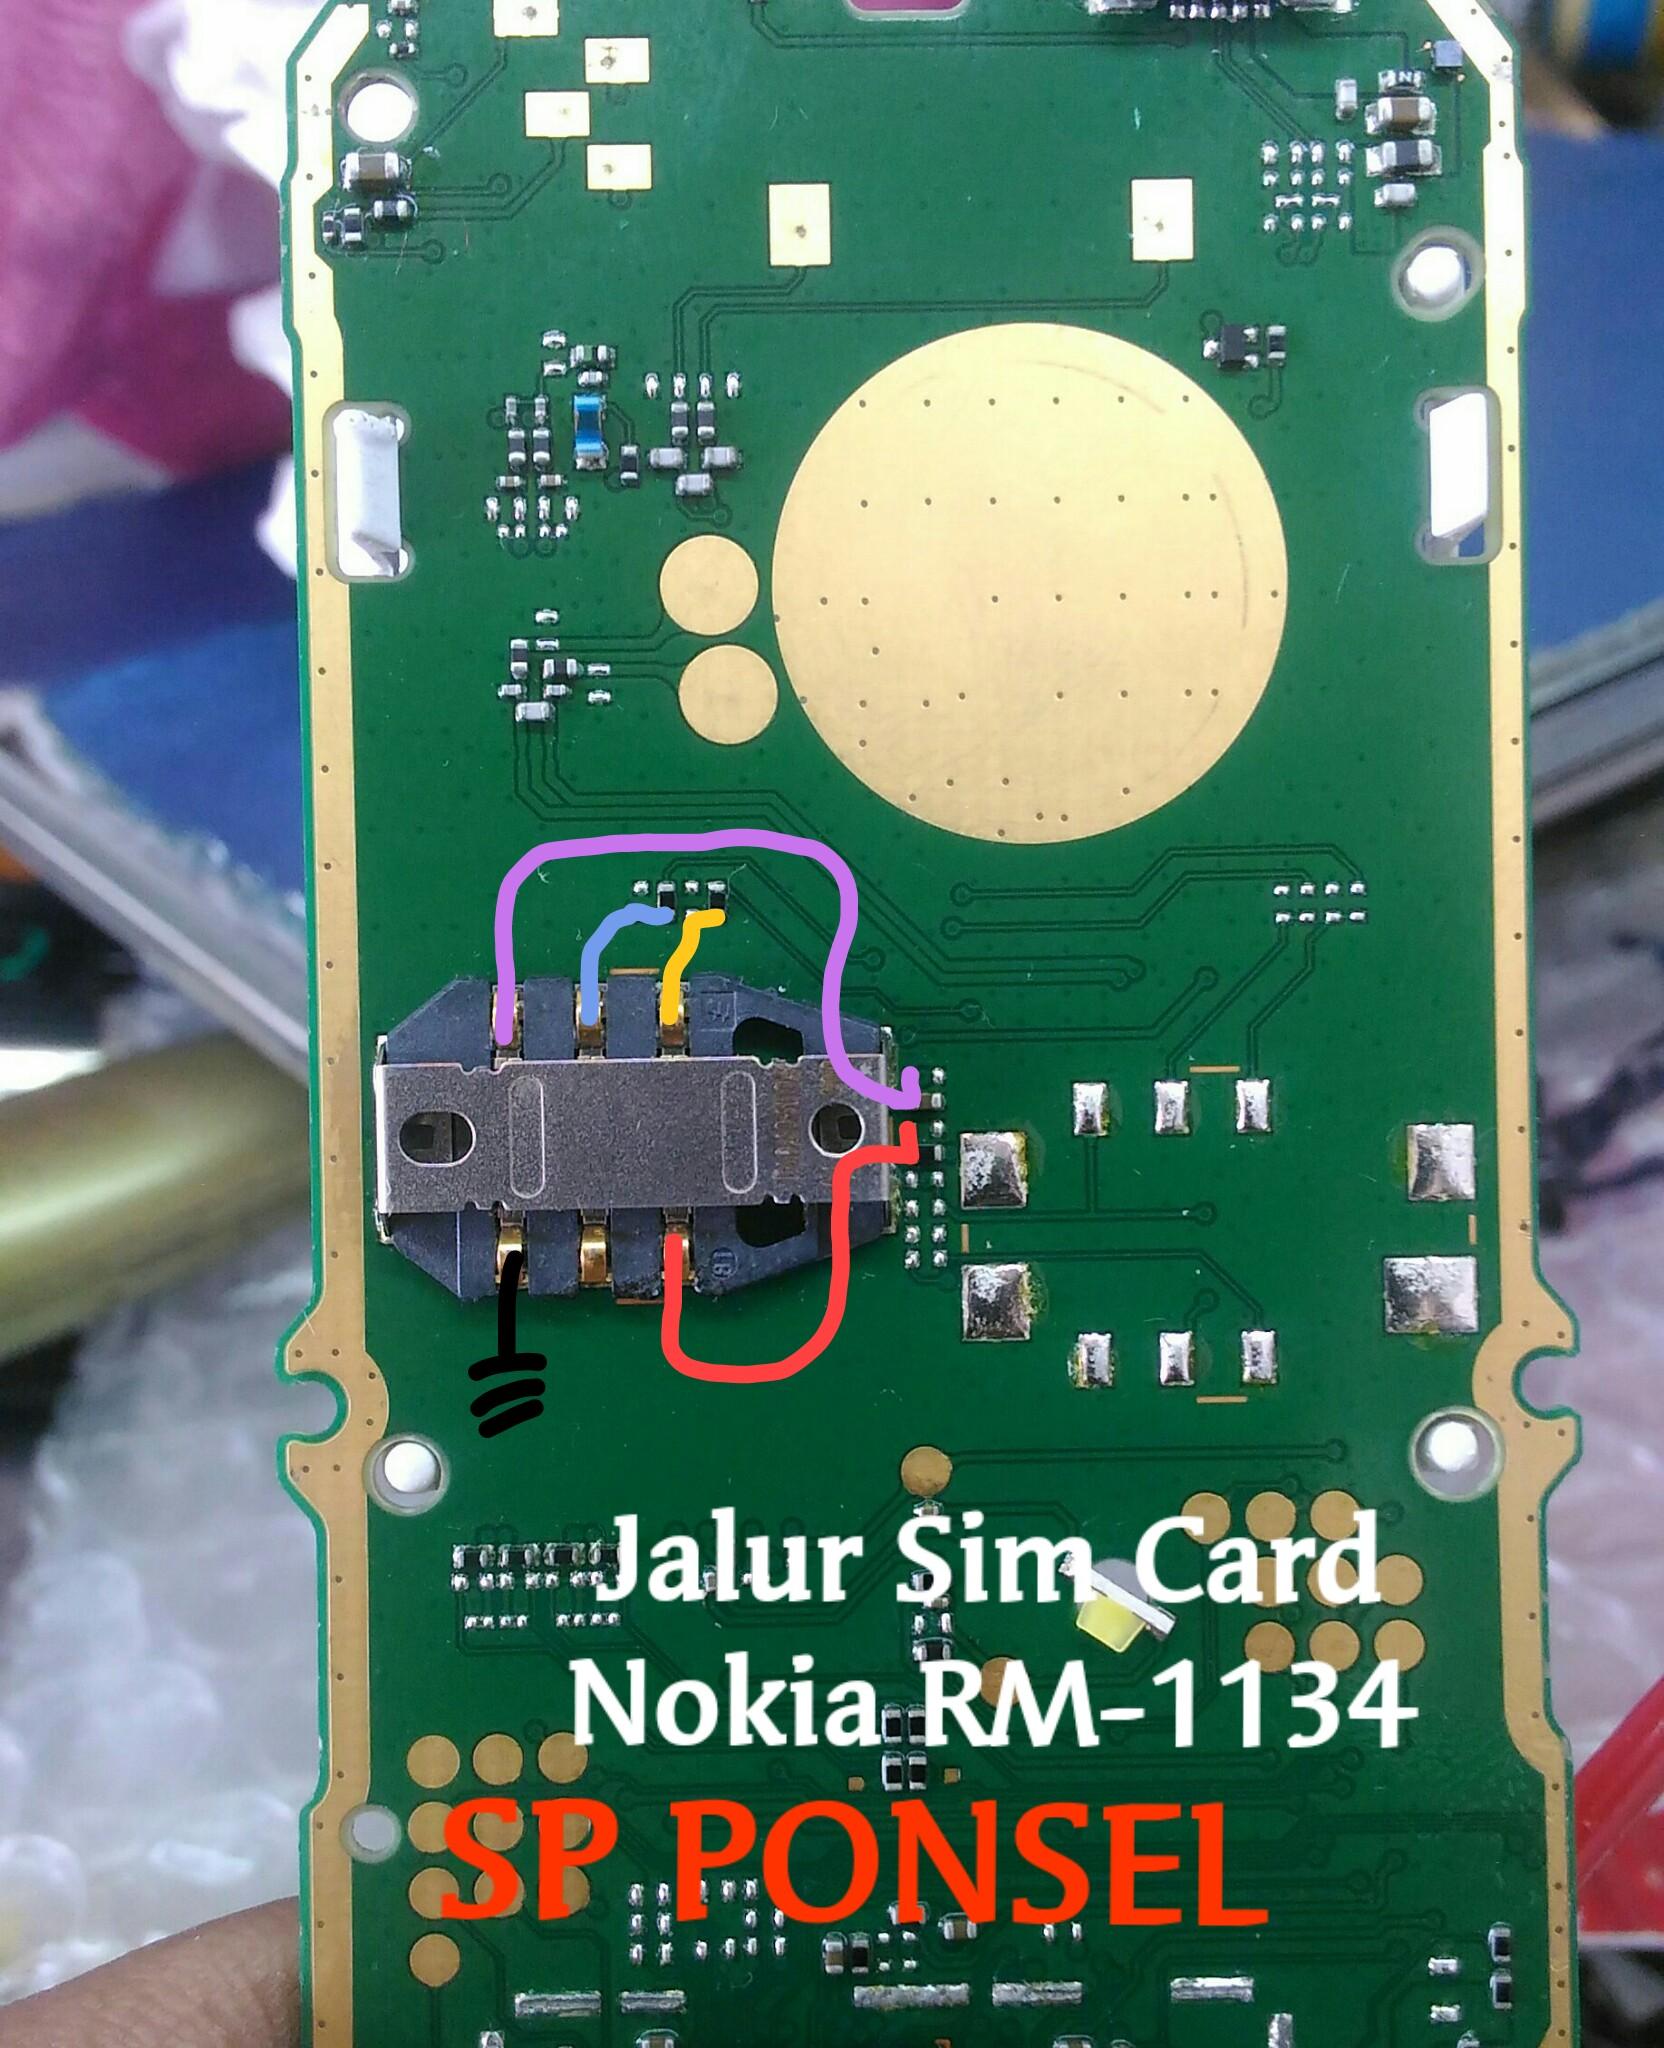 Solusi Jalur Sim Card Nokia 105 New Rm